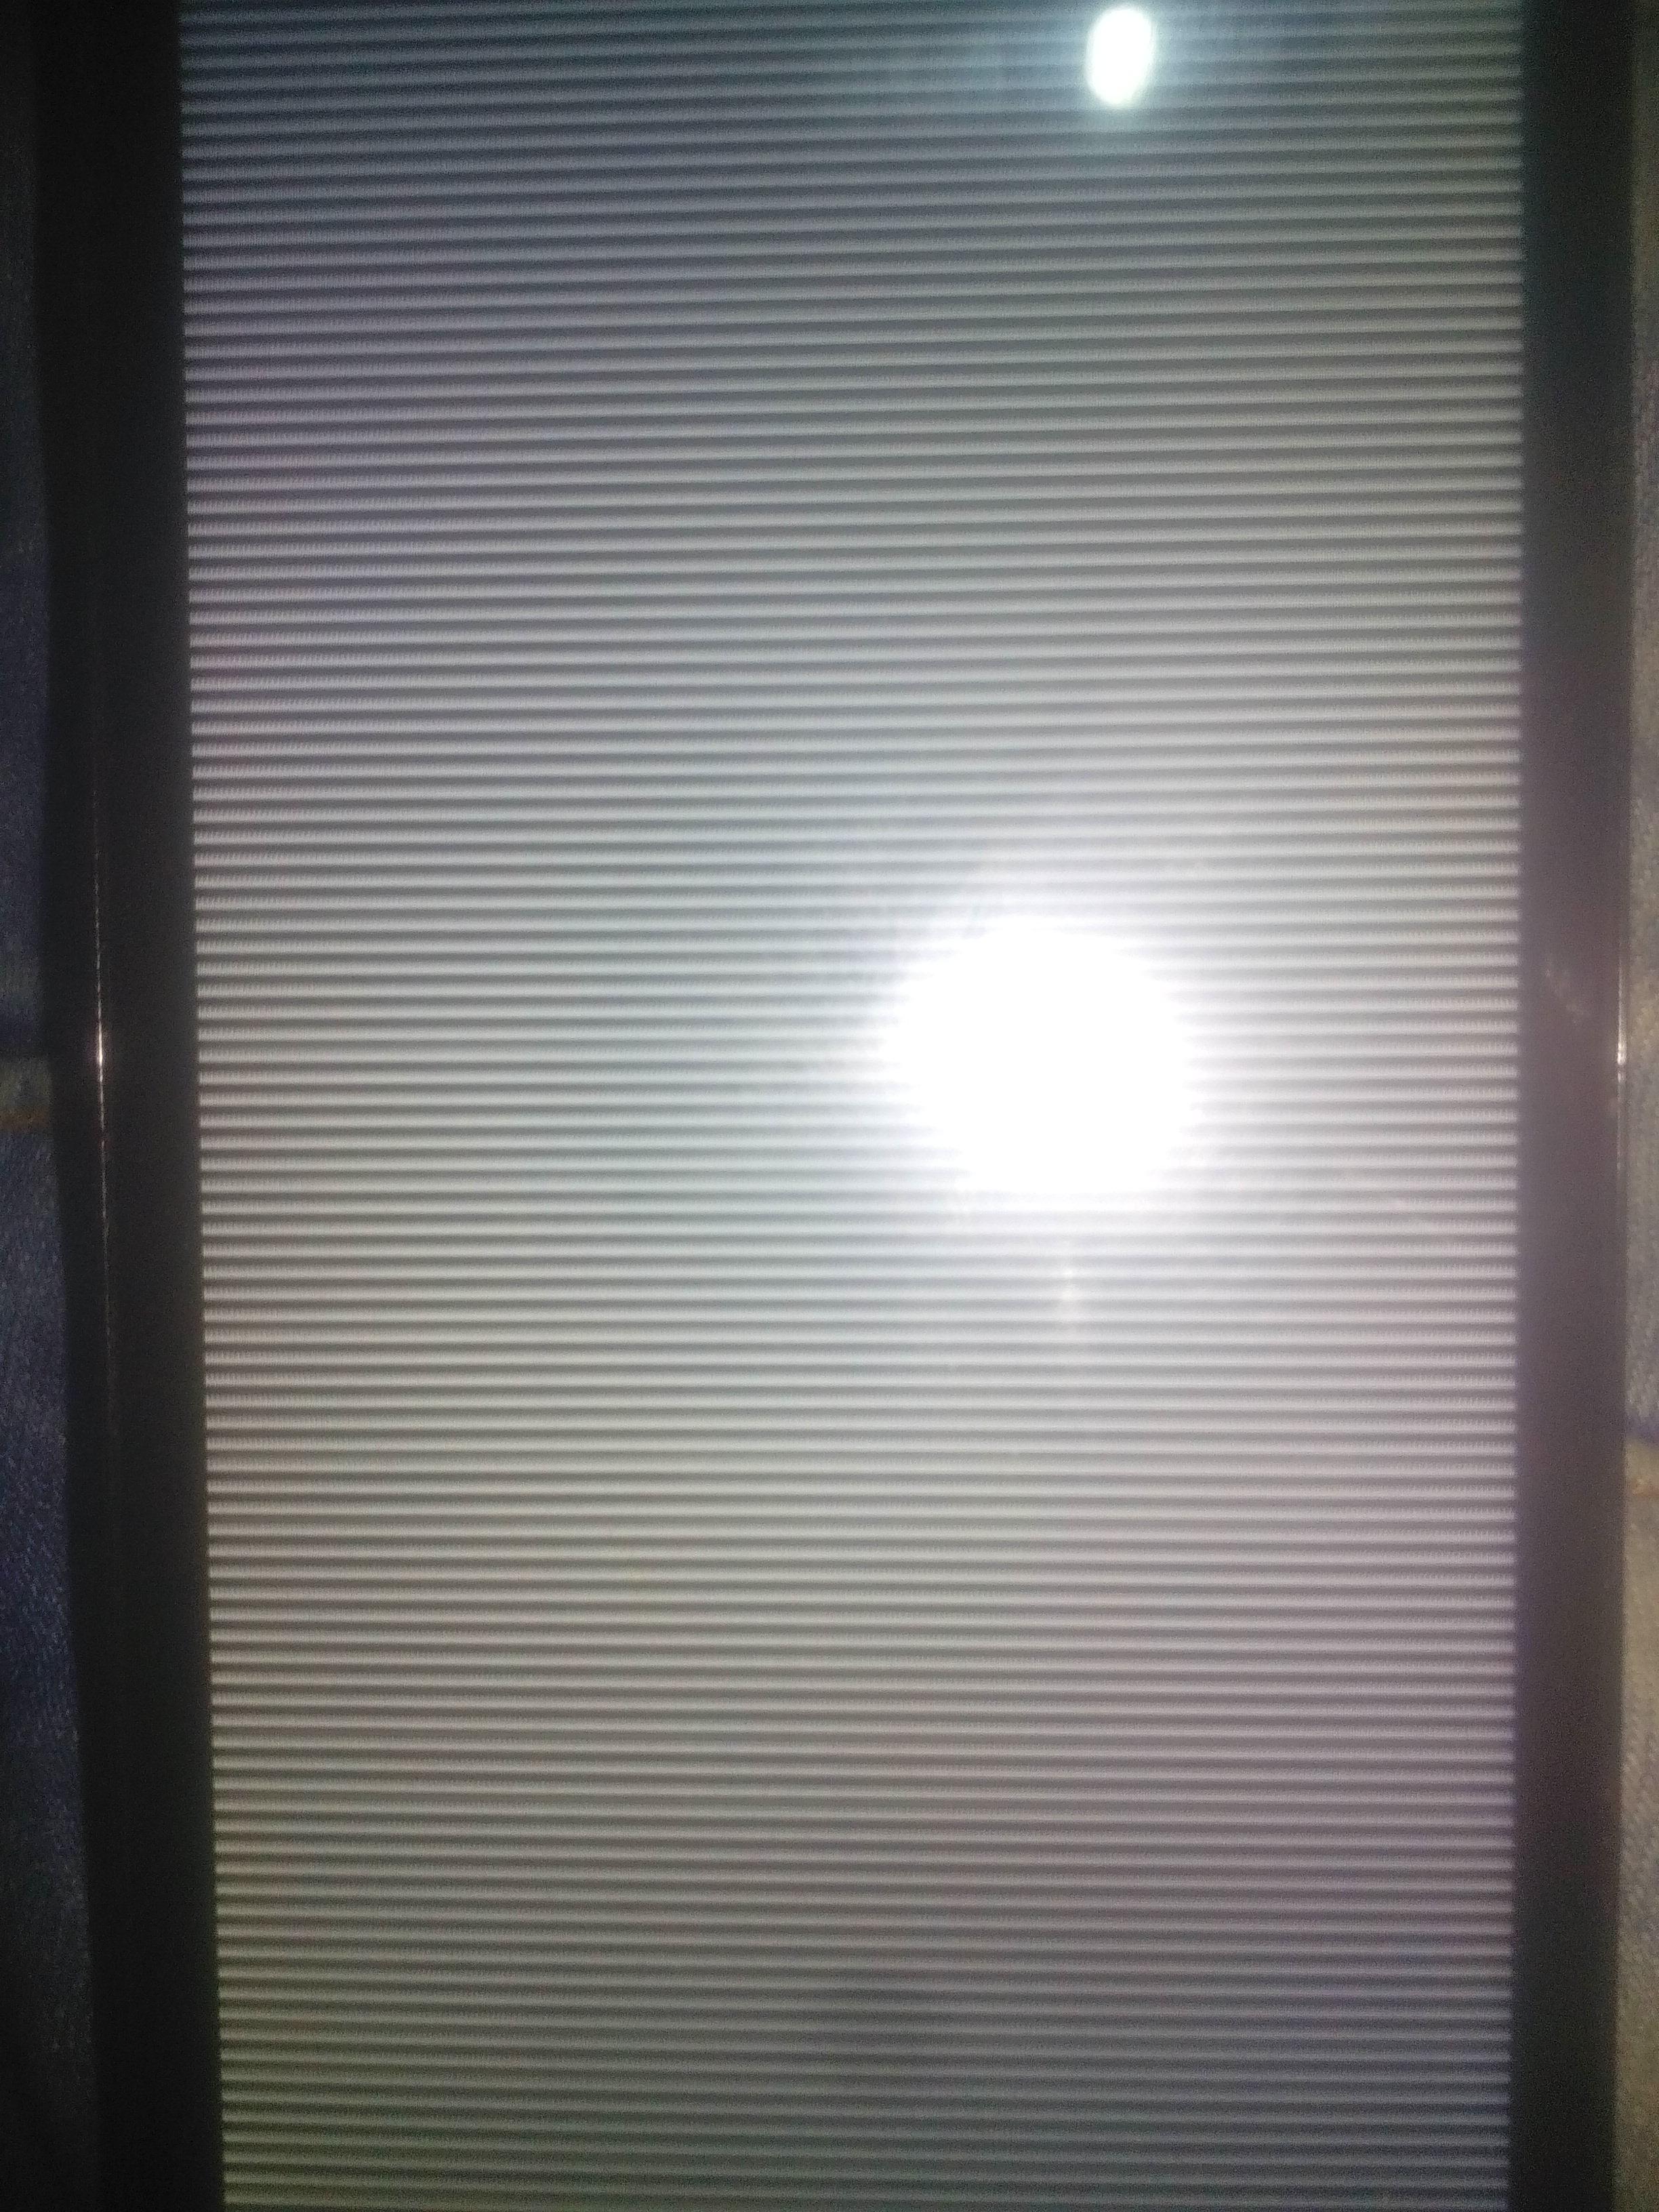 مشكل في wiko LENNY 2بعد تفليش اصبح يشتغل شاشة بيضاء مع خطوط